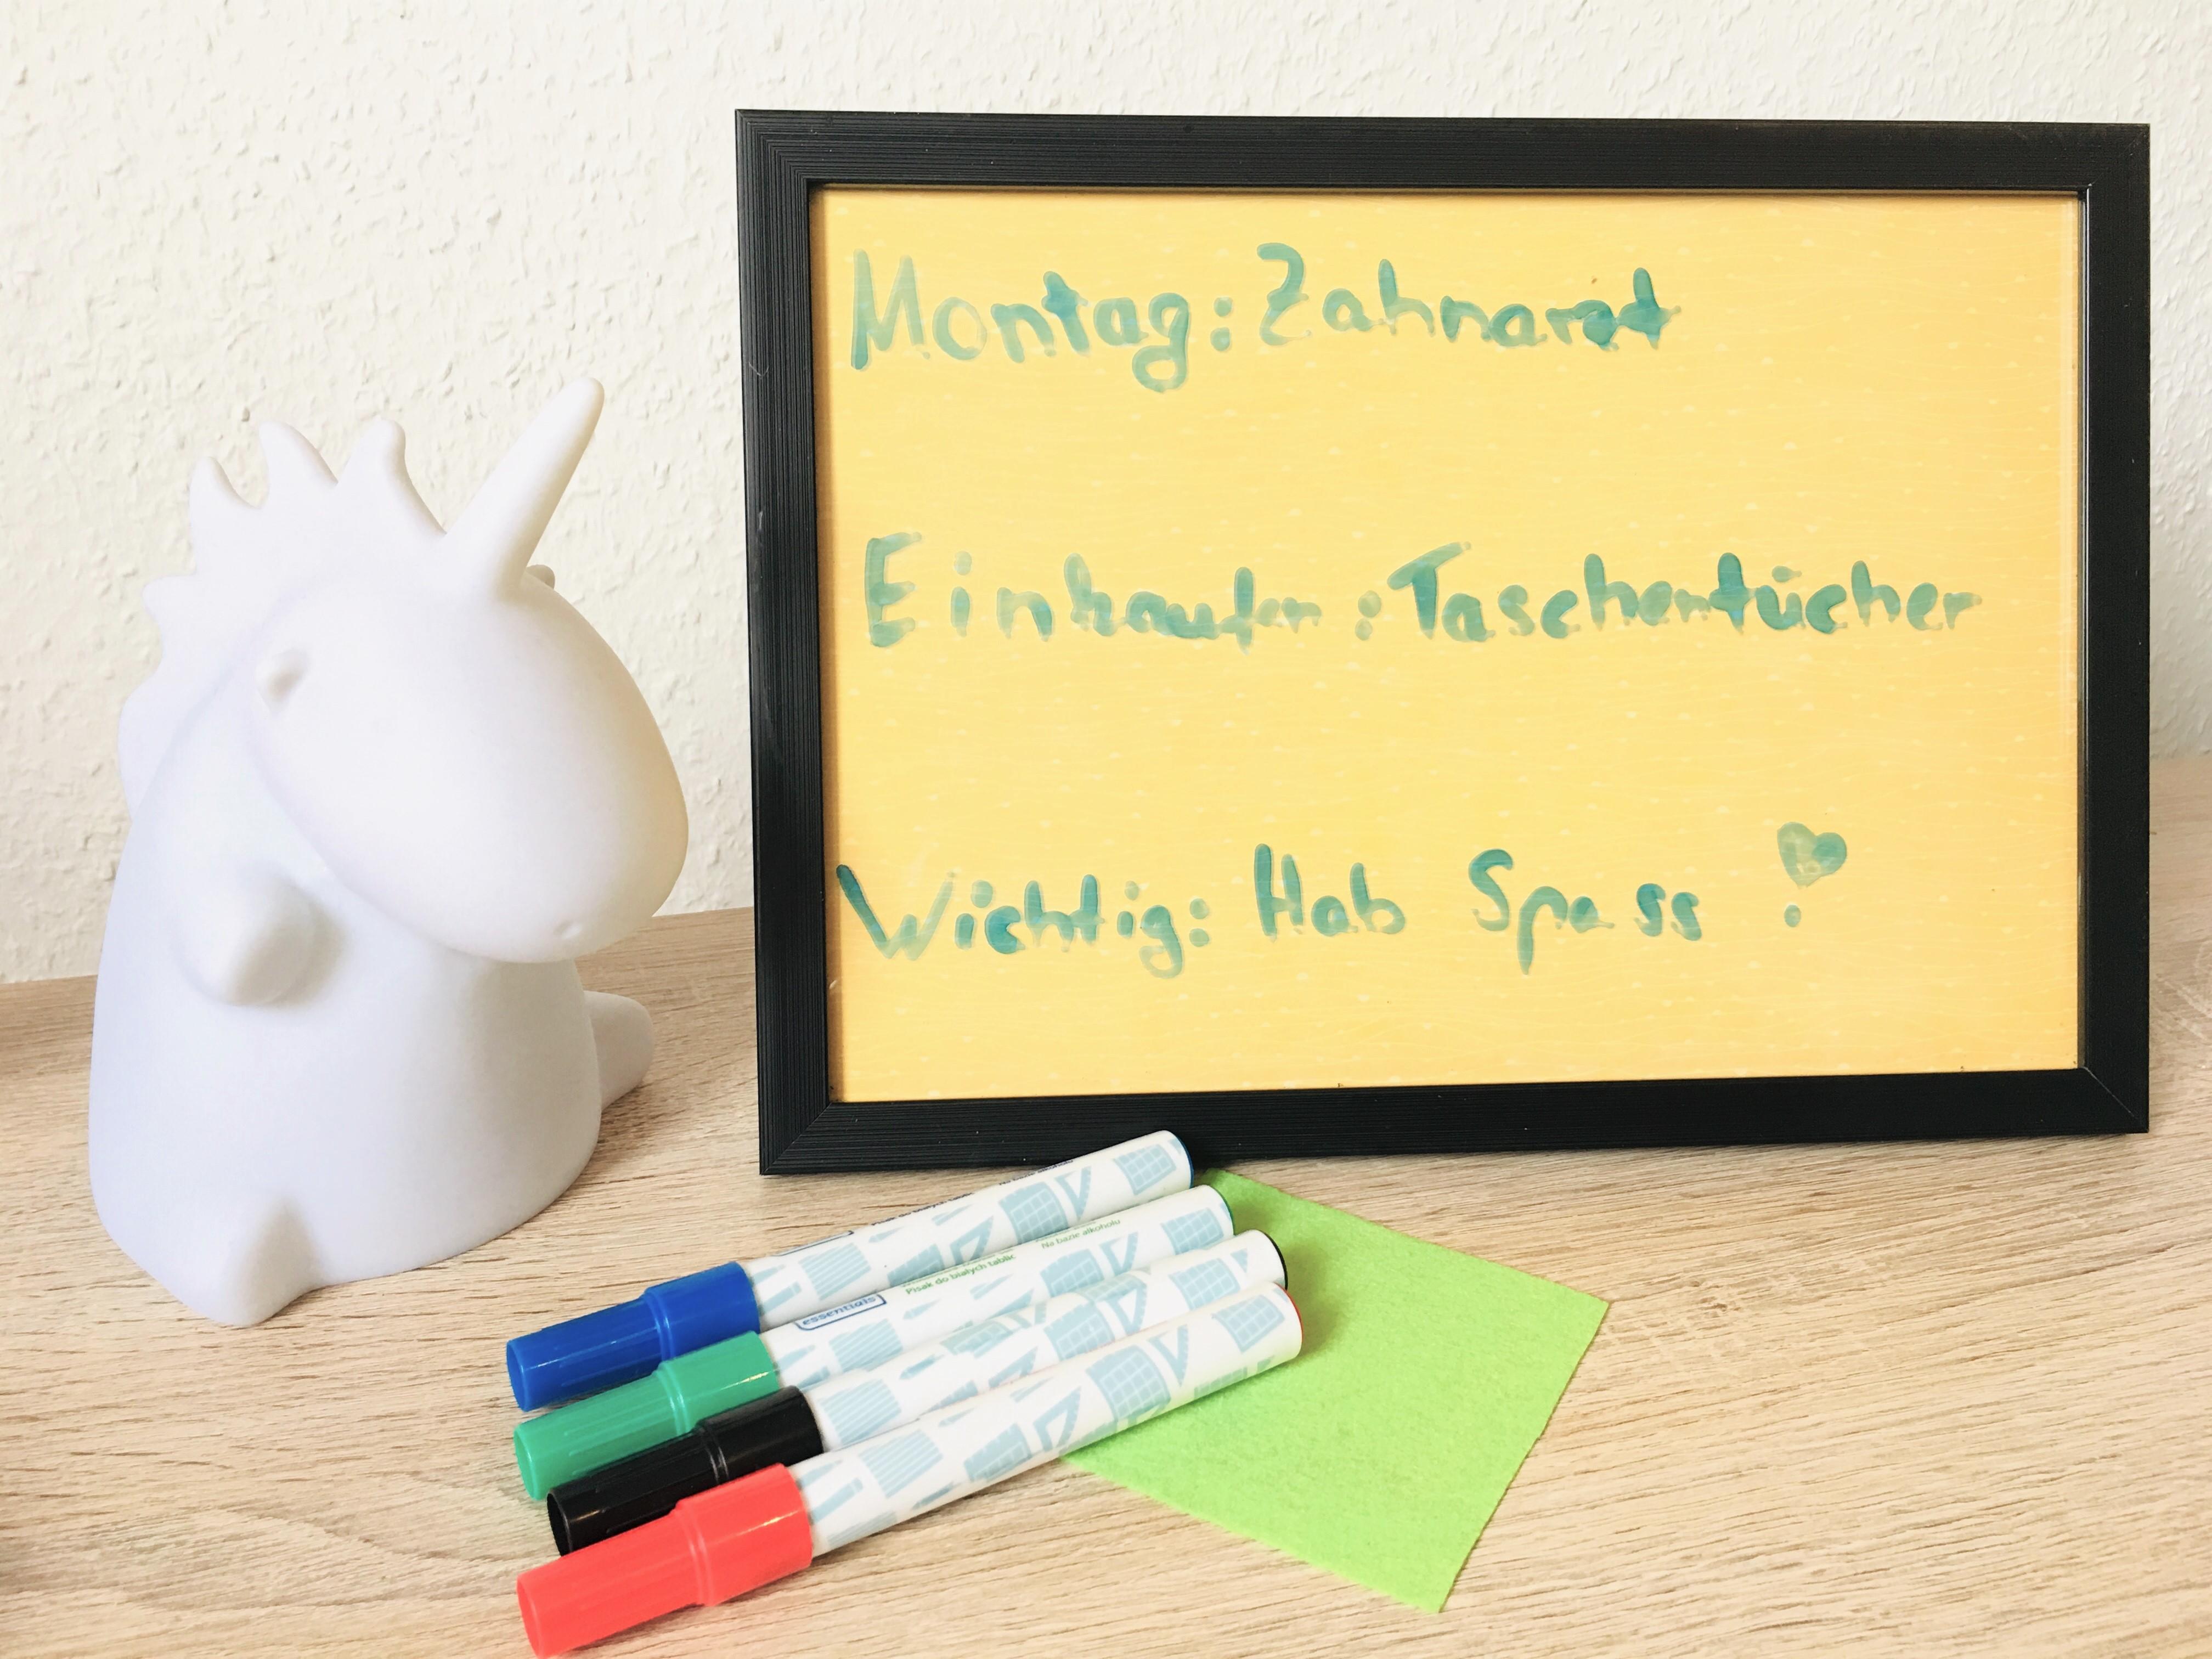 Sehr Ein Memo Board aus einem Bilderrahmen basteln - Life Hack | Der SB74